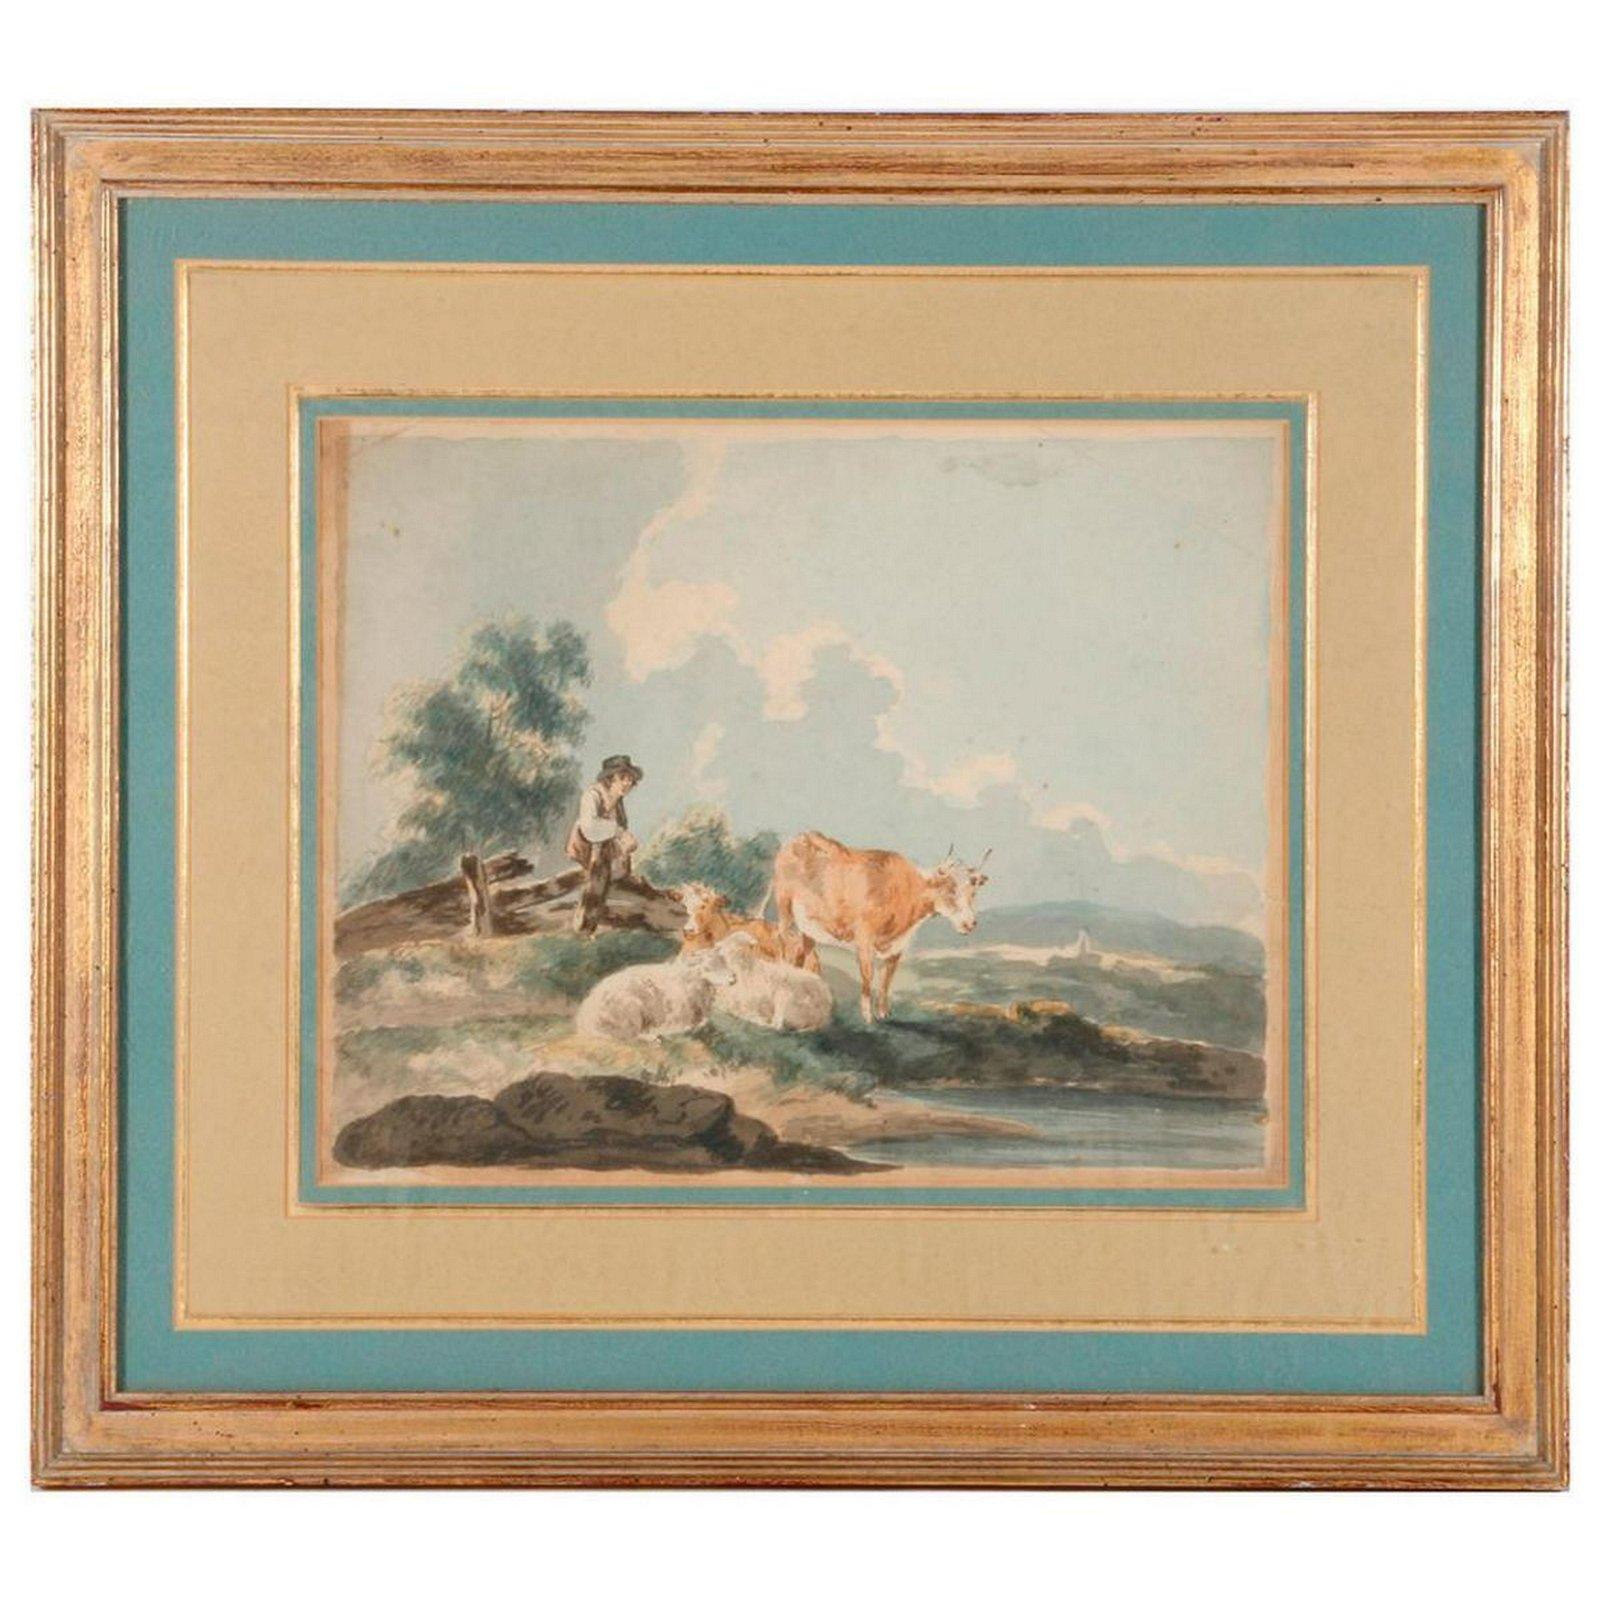 David Cox (1783 - 1859).